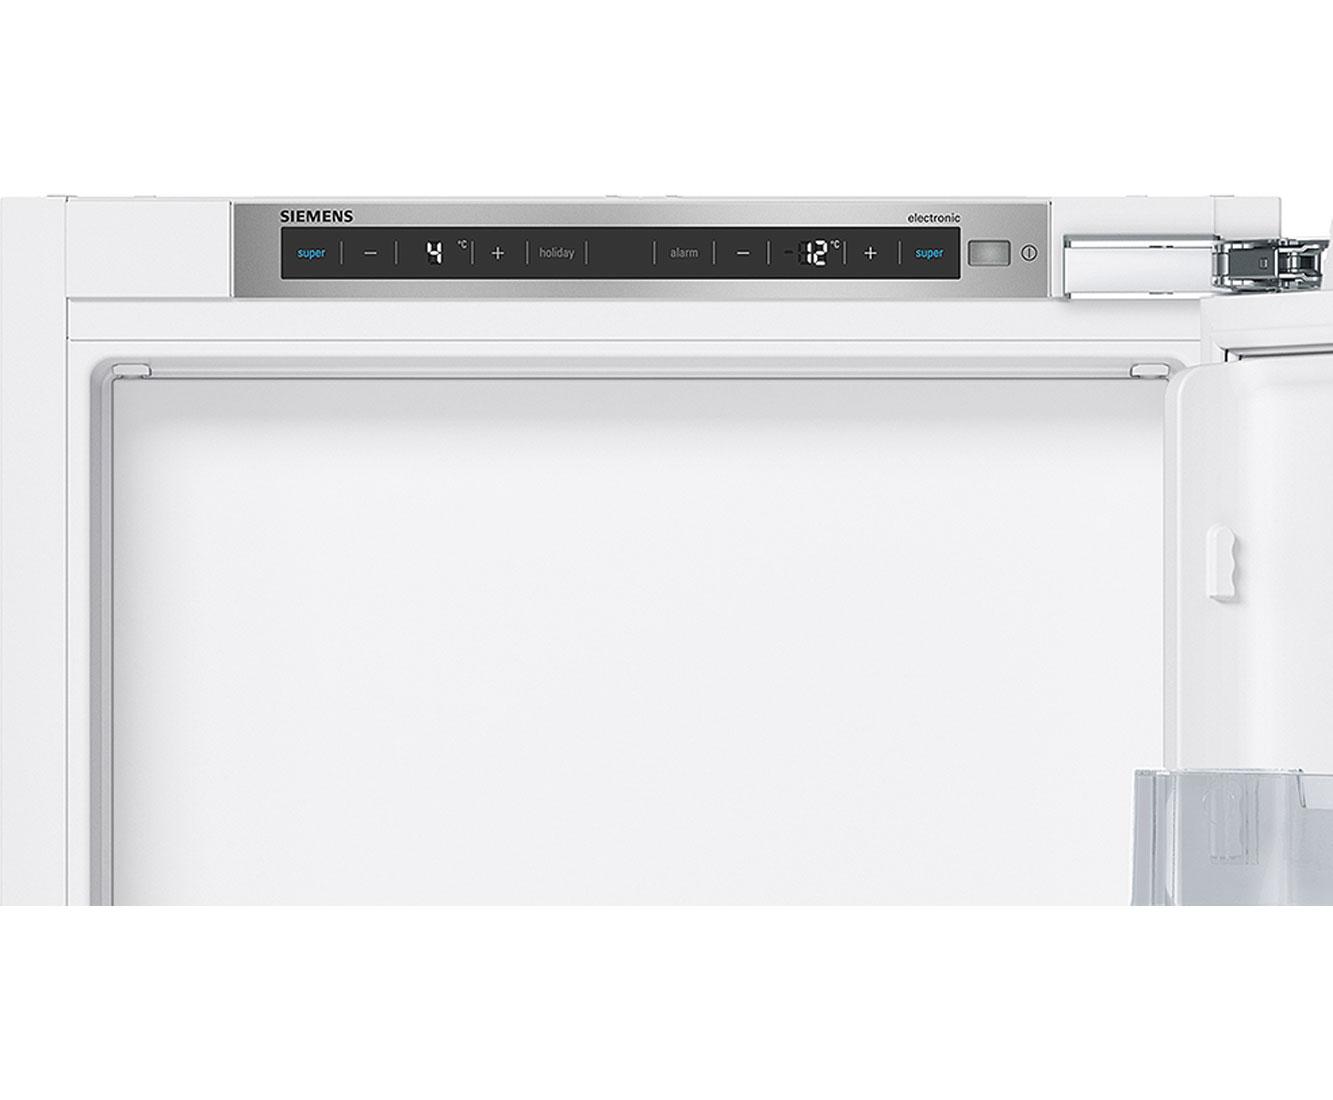 Siemens Kühlschrank Holiday Funktion : Siemens ki caf energieeffiziente kühl und gefrierschränke